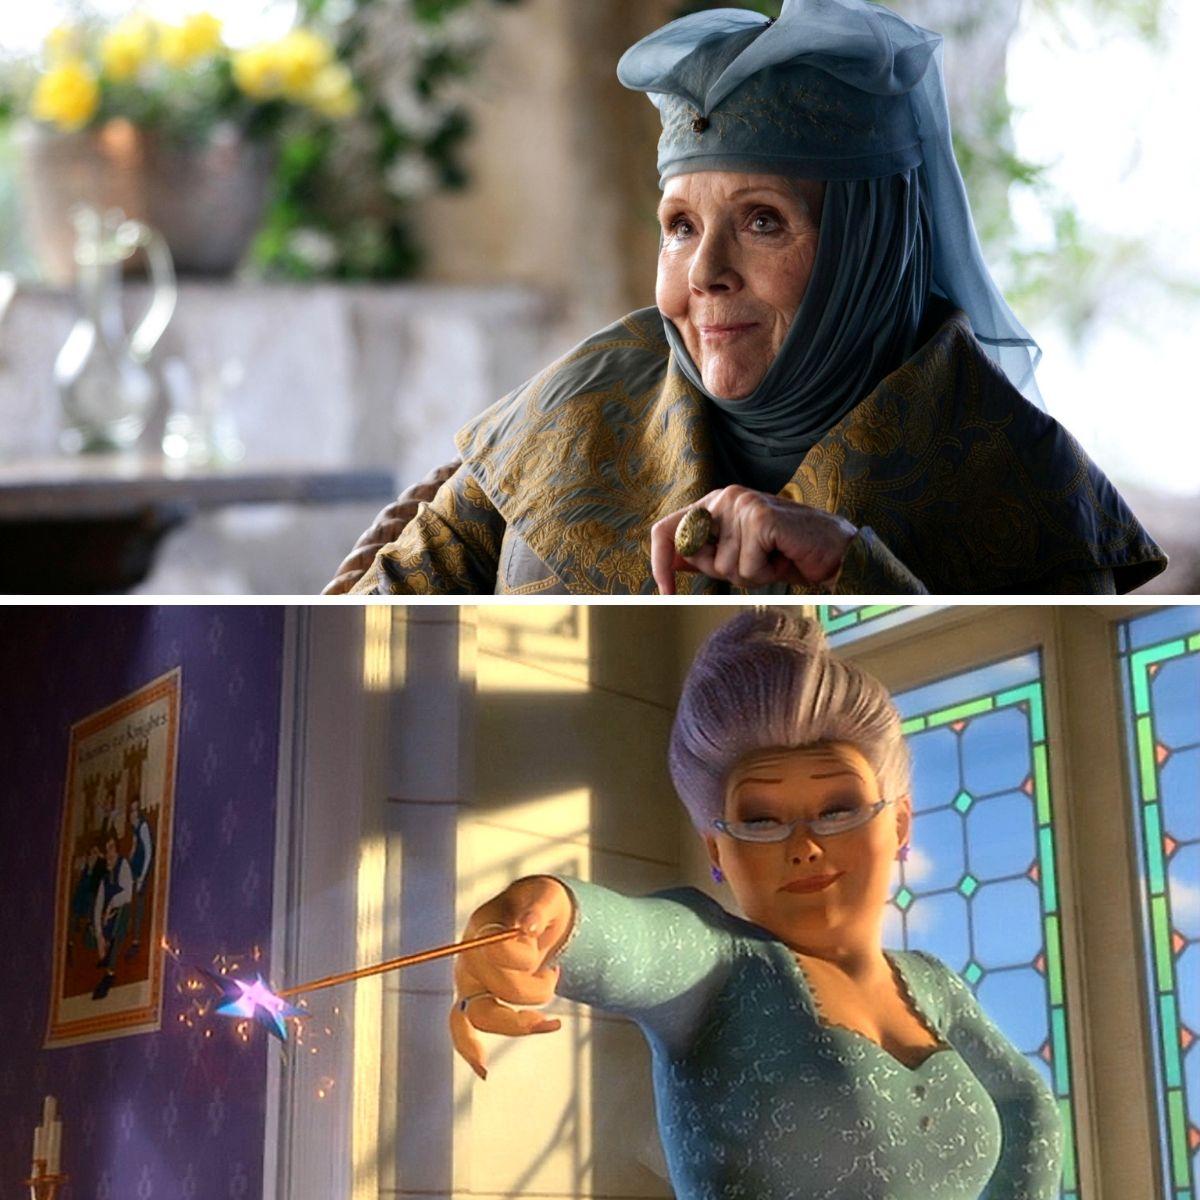 olenna tyrell is a magin fairy godmother